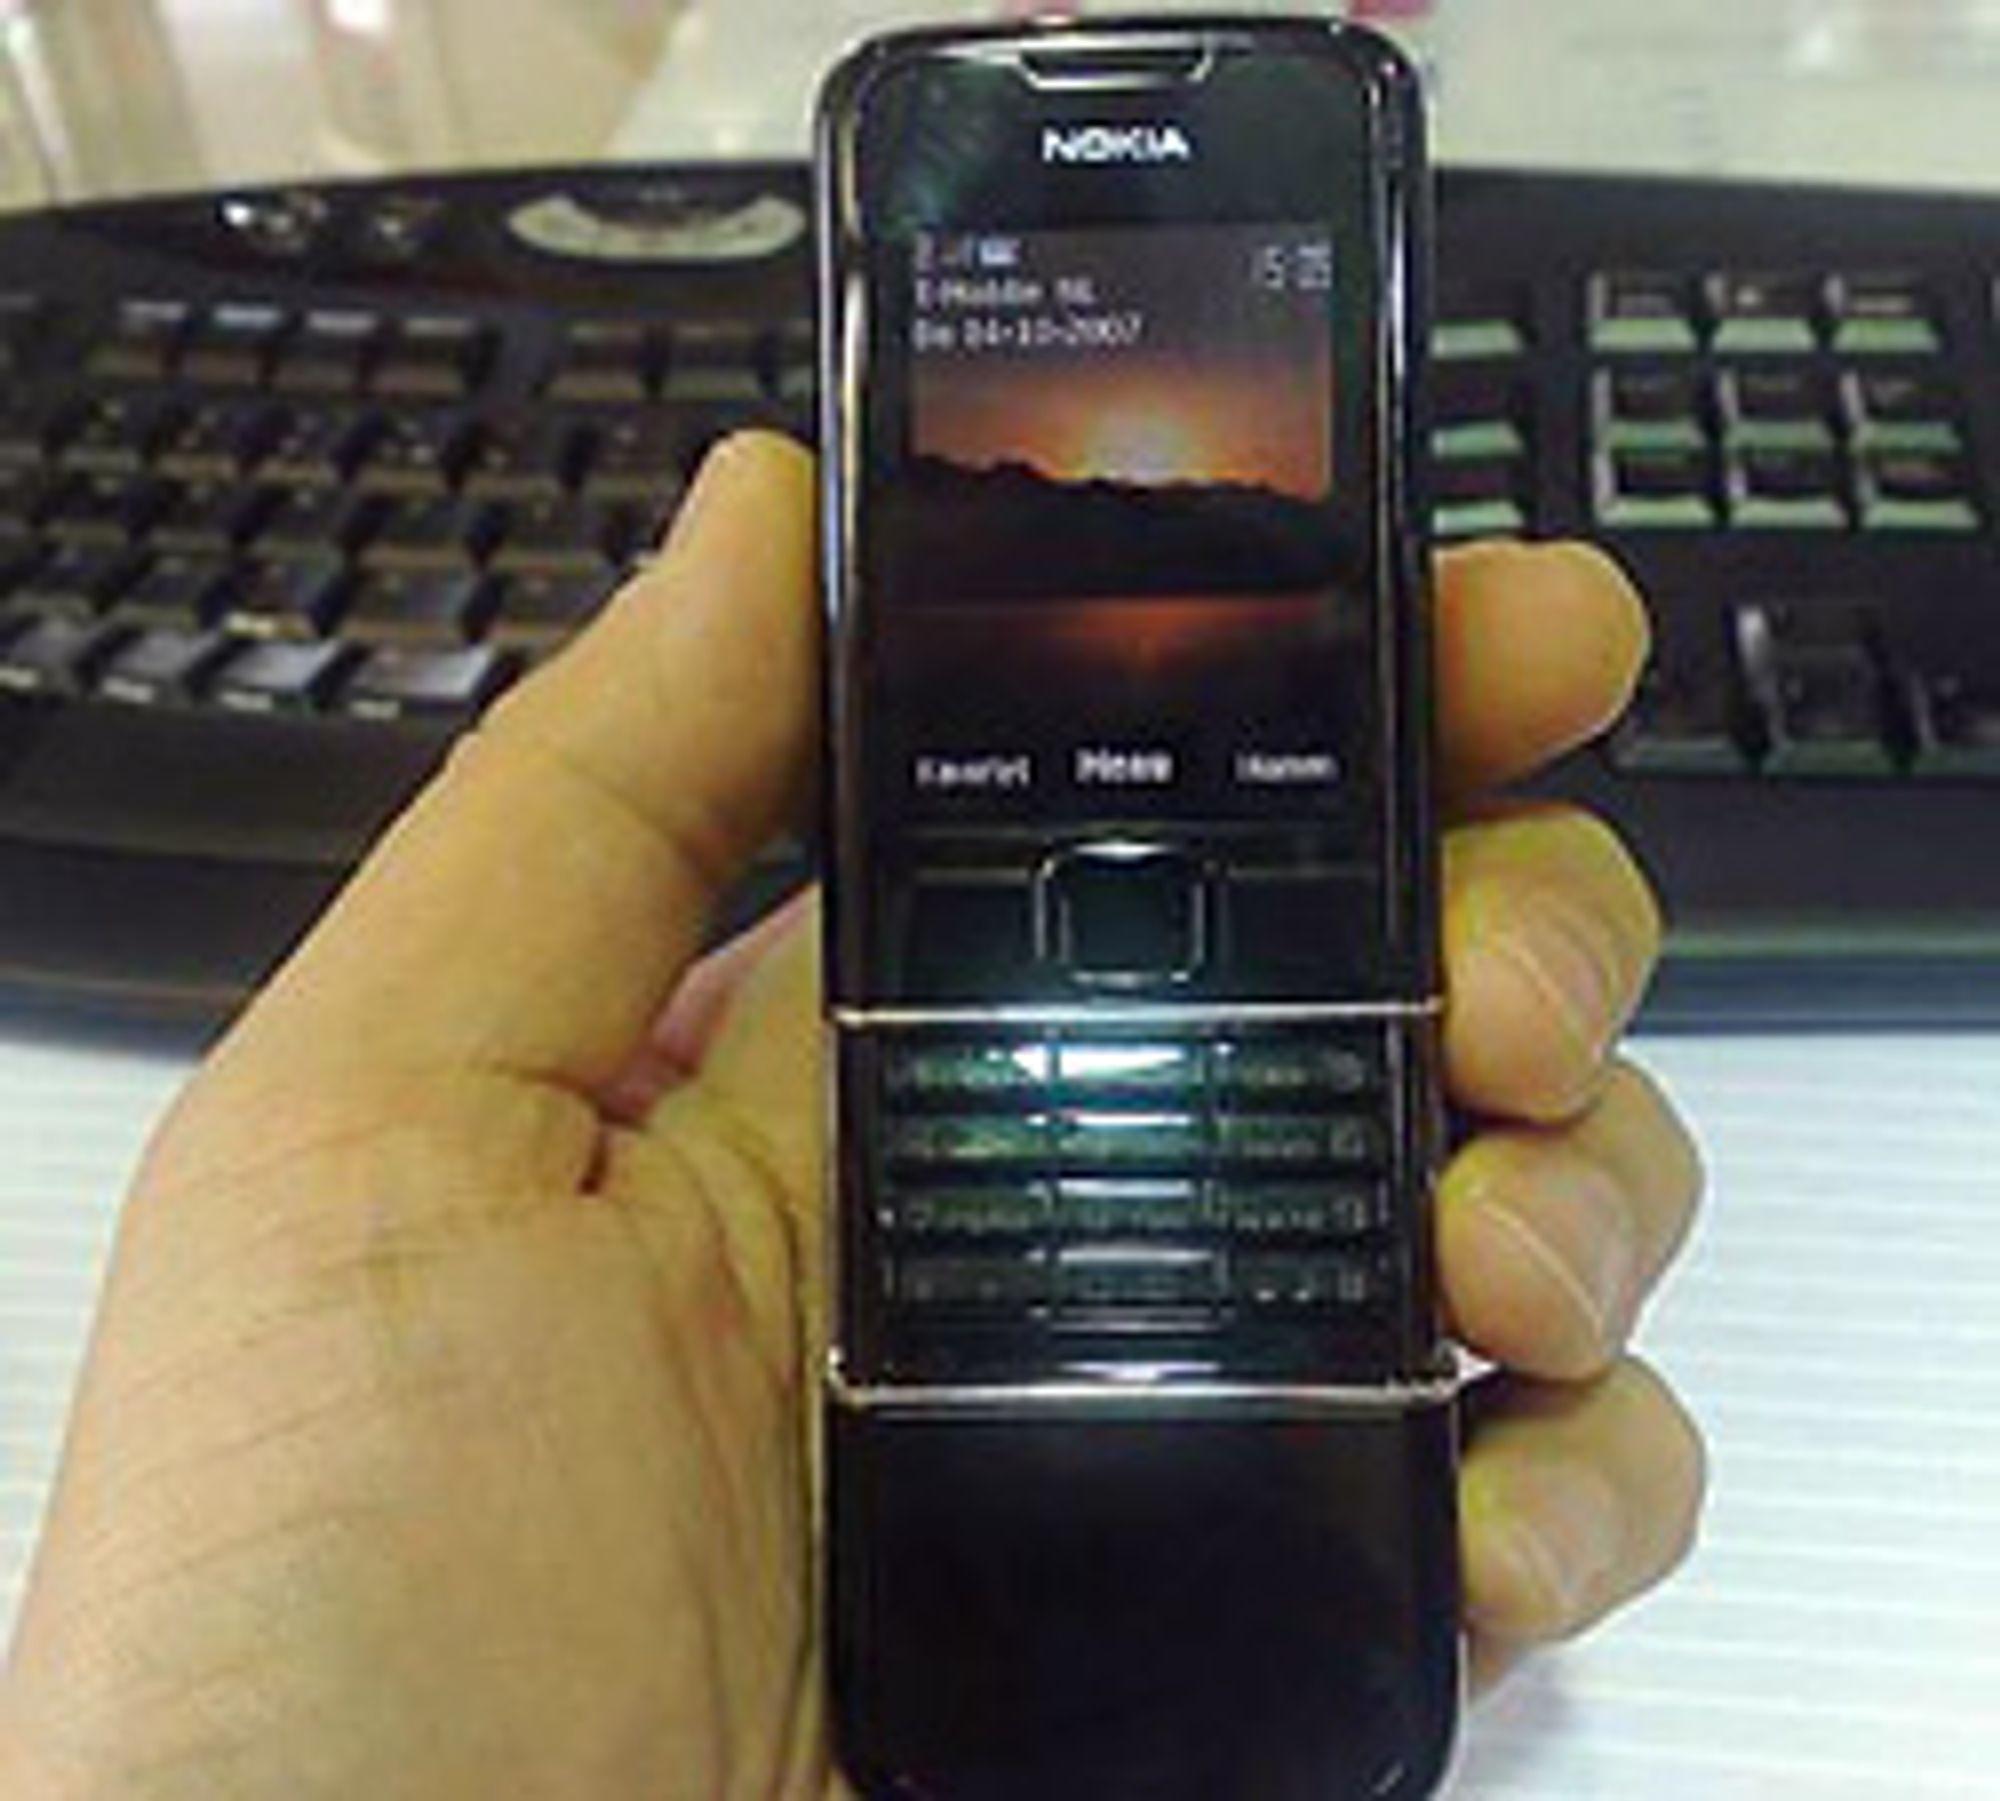 8800e skal være Nokias kommende designmobil. (Klikk for større bilde)